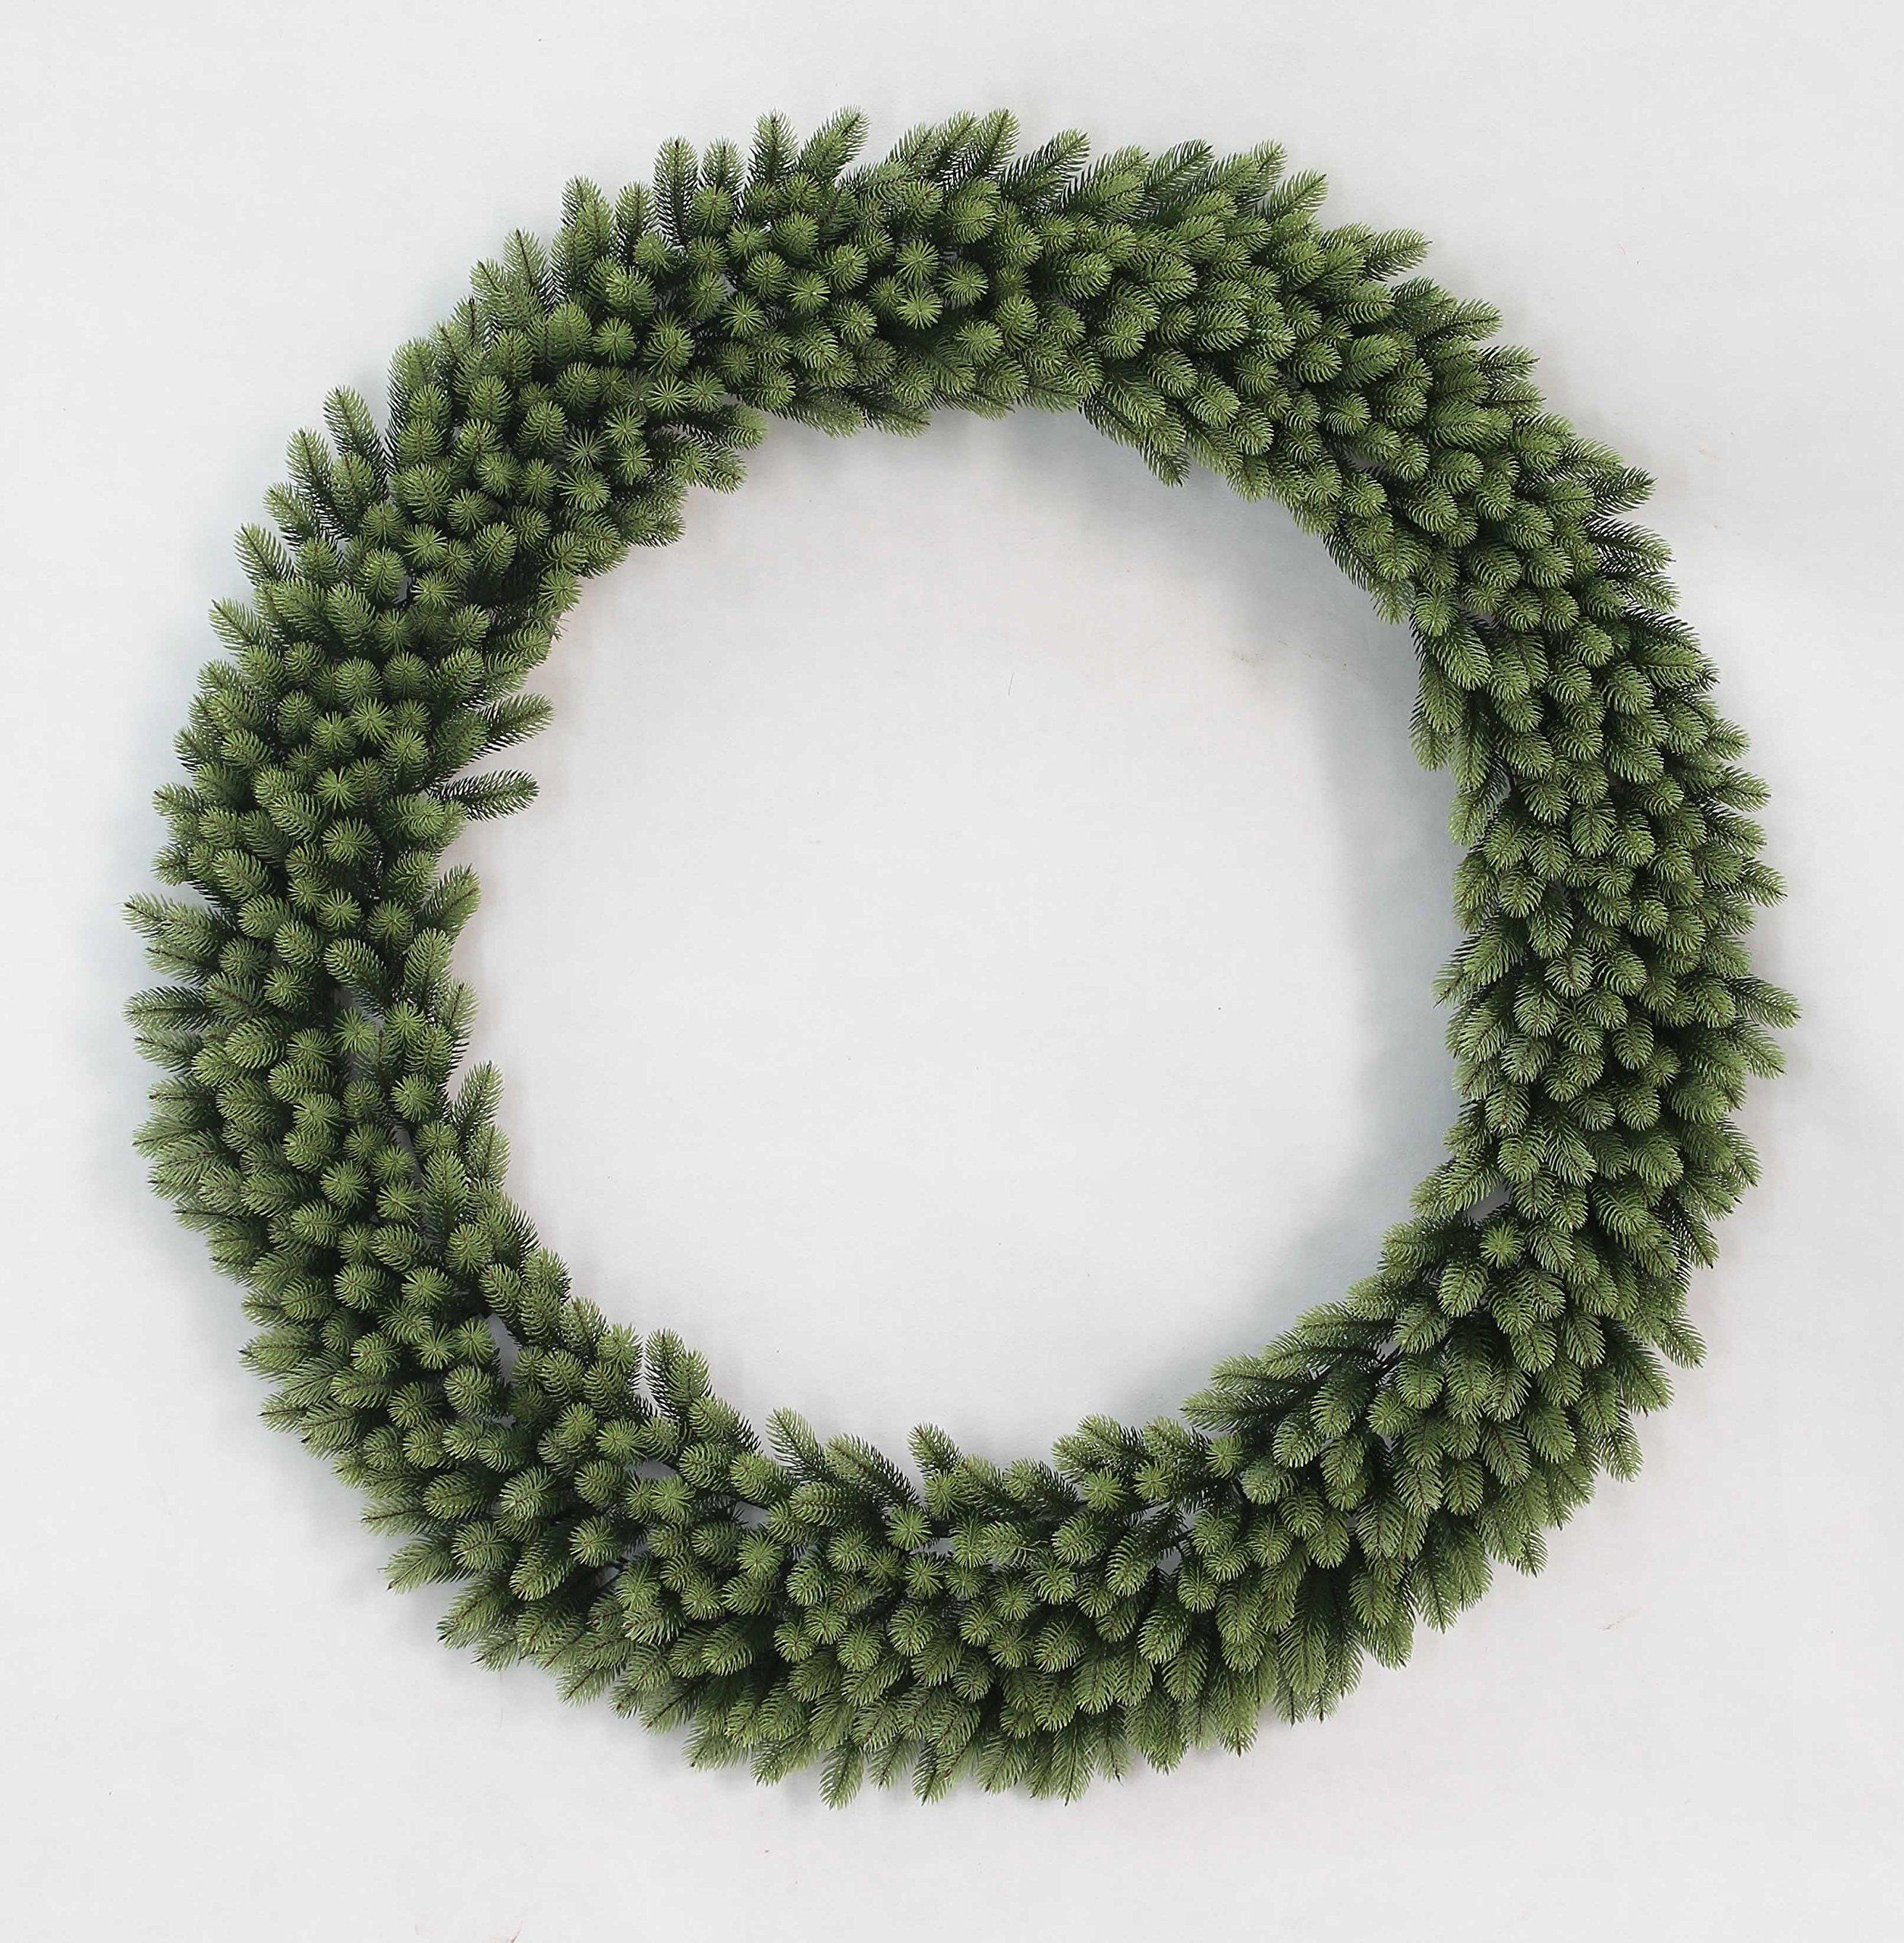 King Of Christmas 60'' Royal Fir Wreath With 300 LED Lights